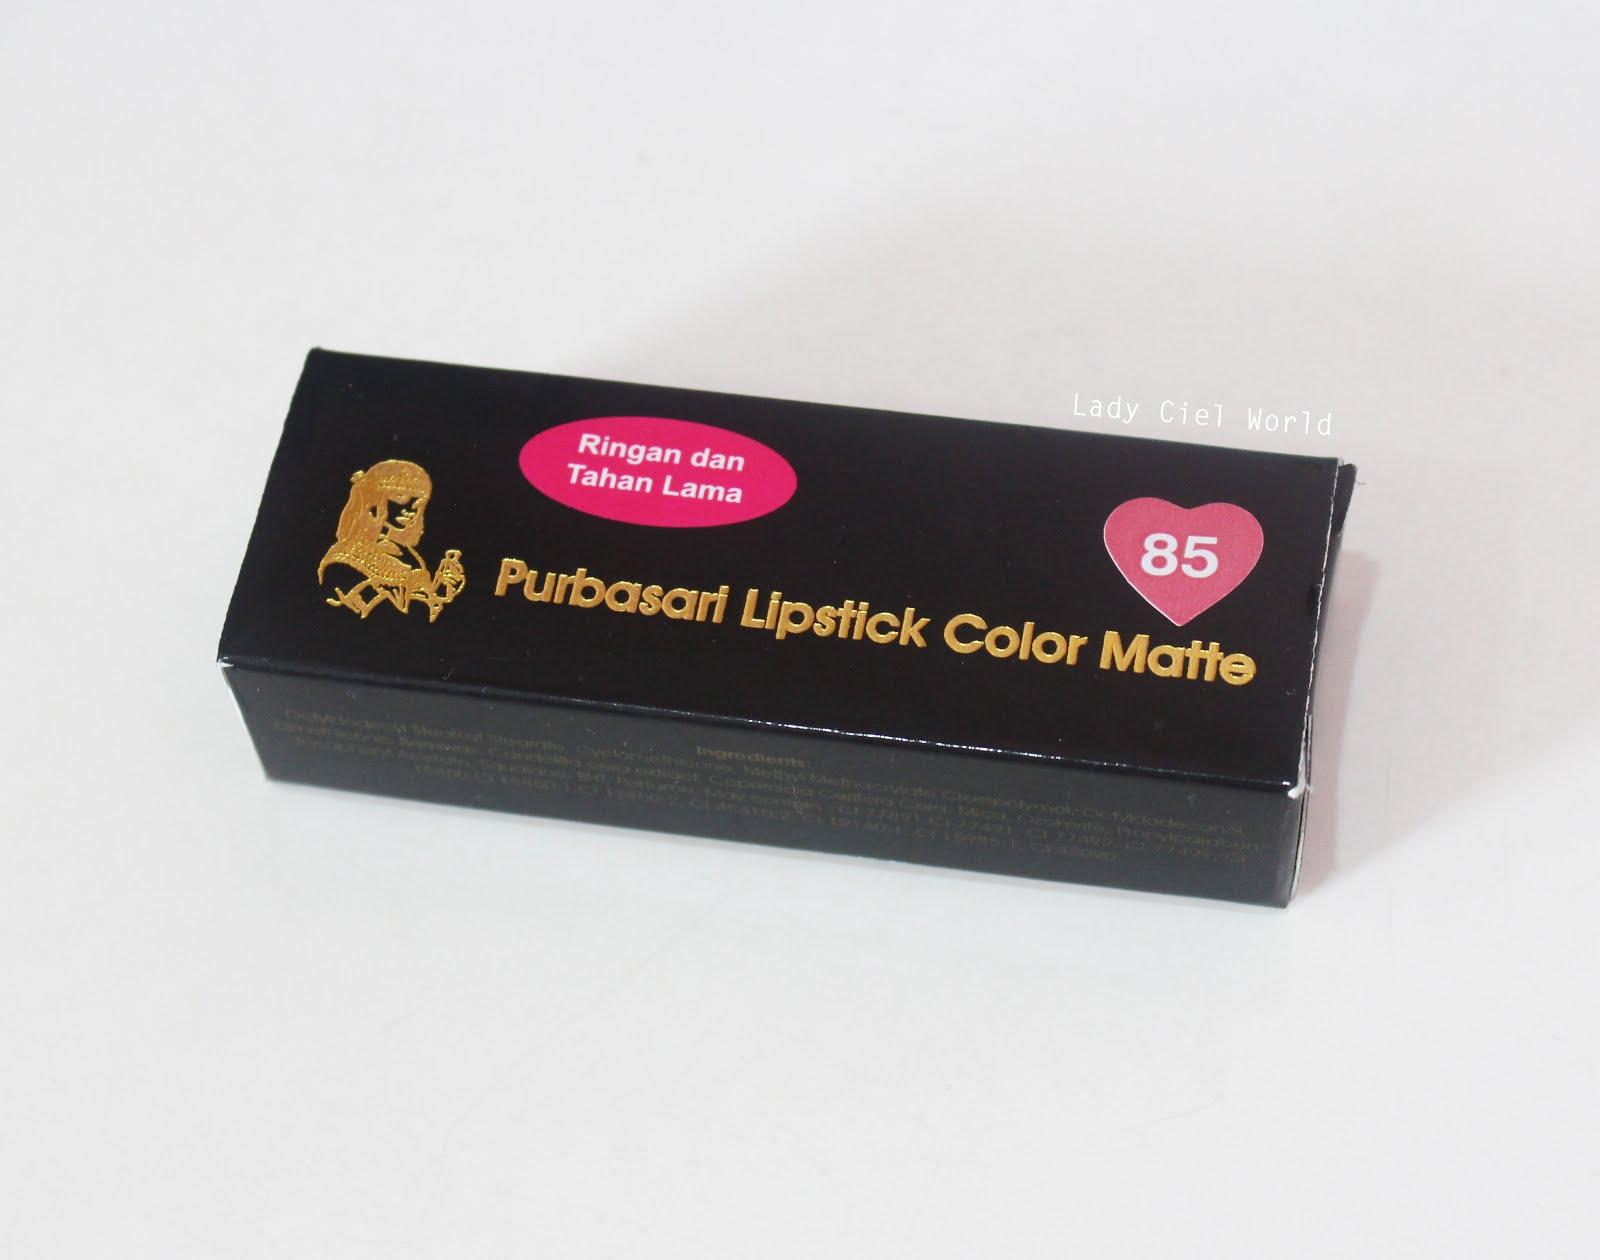 Beauty Time Eps 2 Review Purbasari Lipstick Color Matte No 85 Lipstik Collor Kandungan Yang Ada Di Ini Bisa Kalian Lihat Pada Foto Bawah Atau Untuk Lebih Jelasnya Disini Thanks Pemilik Akun